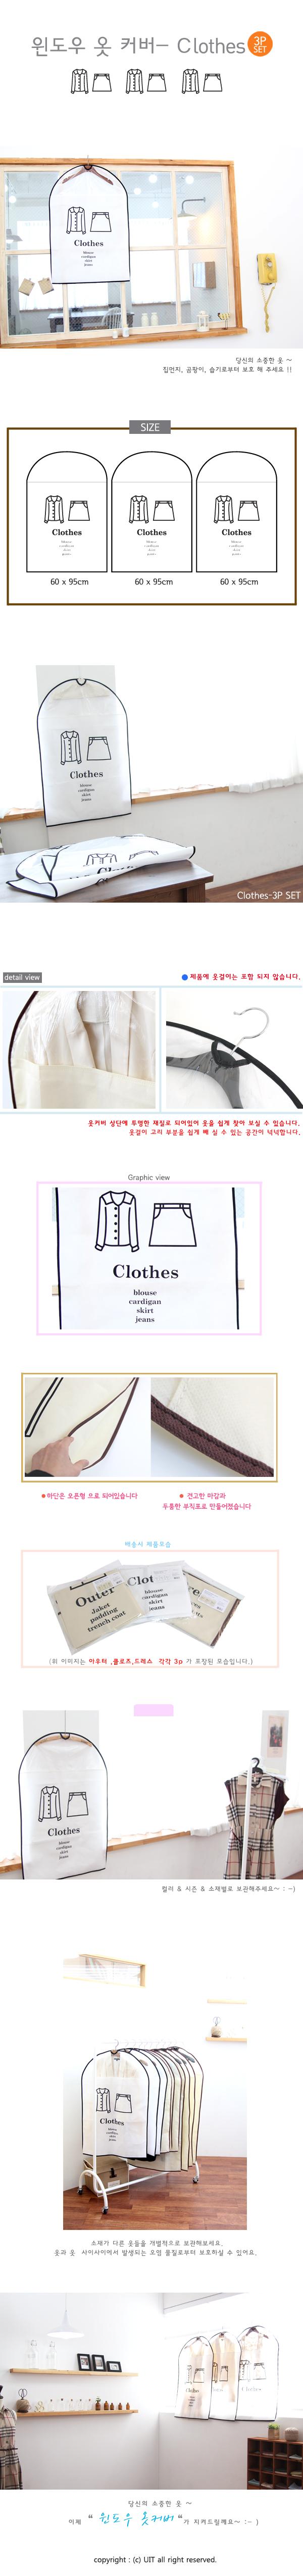 윈도우 옷커버 3p 세트 - Clothes 3p 세트 - 유아이티, 8,500원, 의류커버/압축팩, 의류 커버